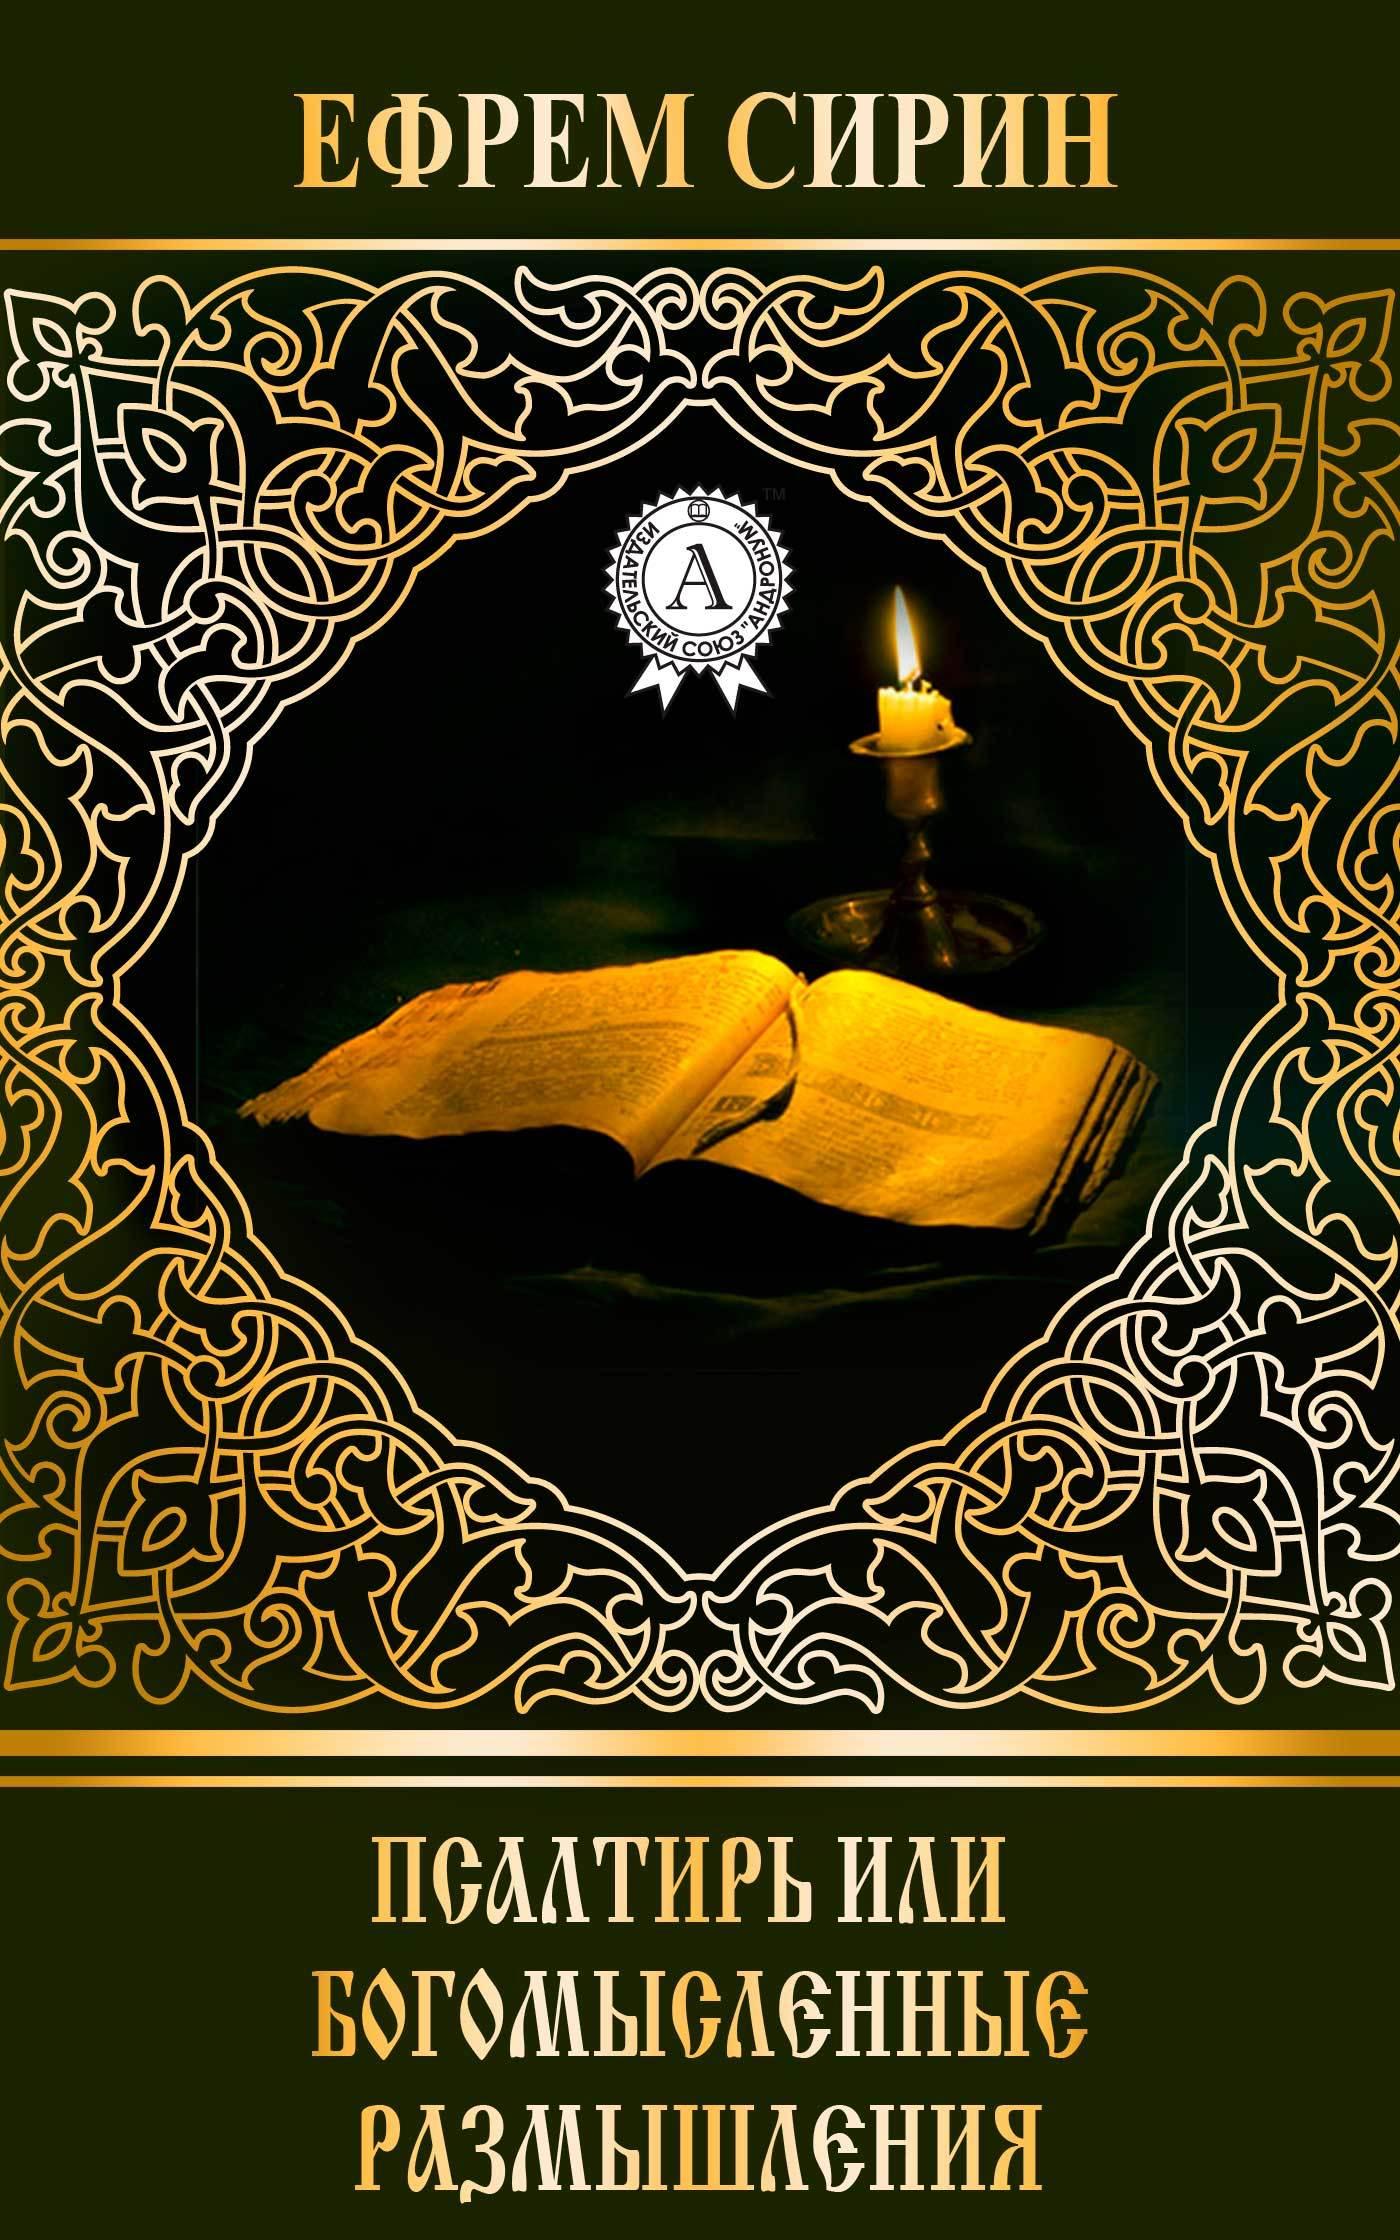 преподобный Ефрем Сирин Псалтирь или богомысленные размышления преподобный ефрем сирин о страстях и добродетелях